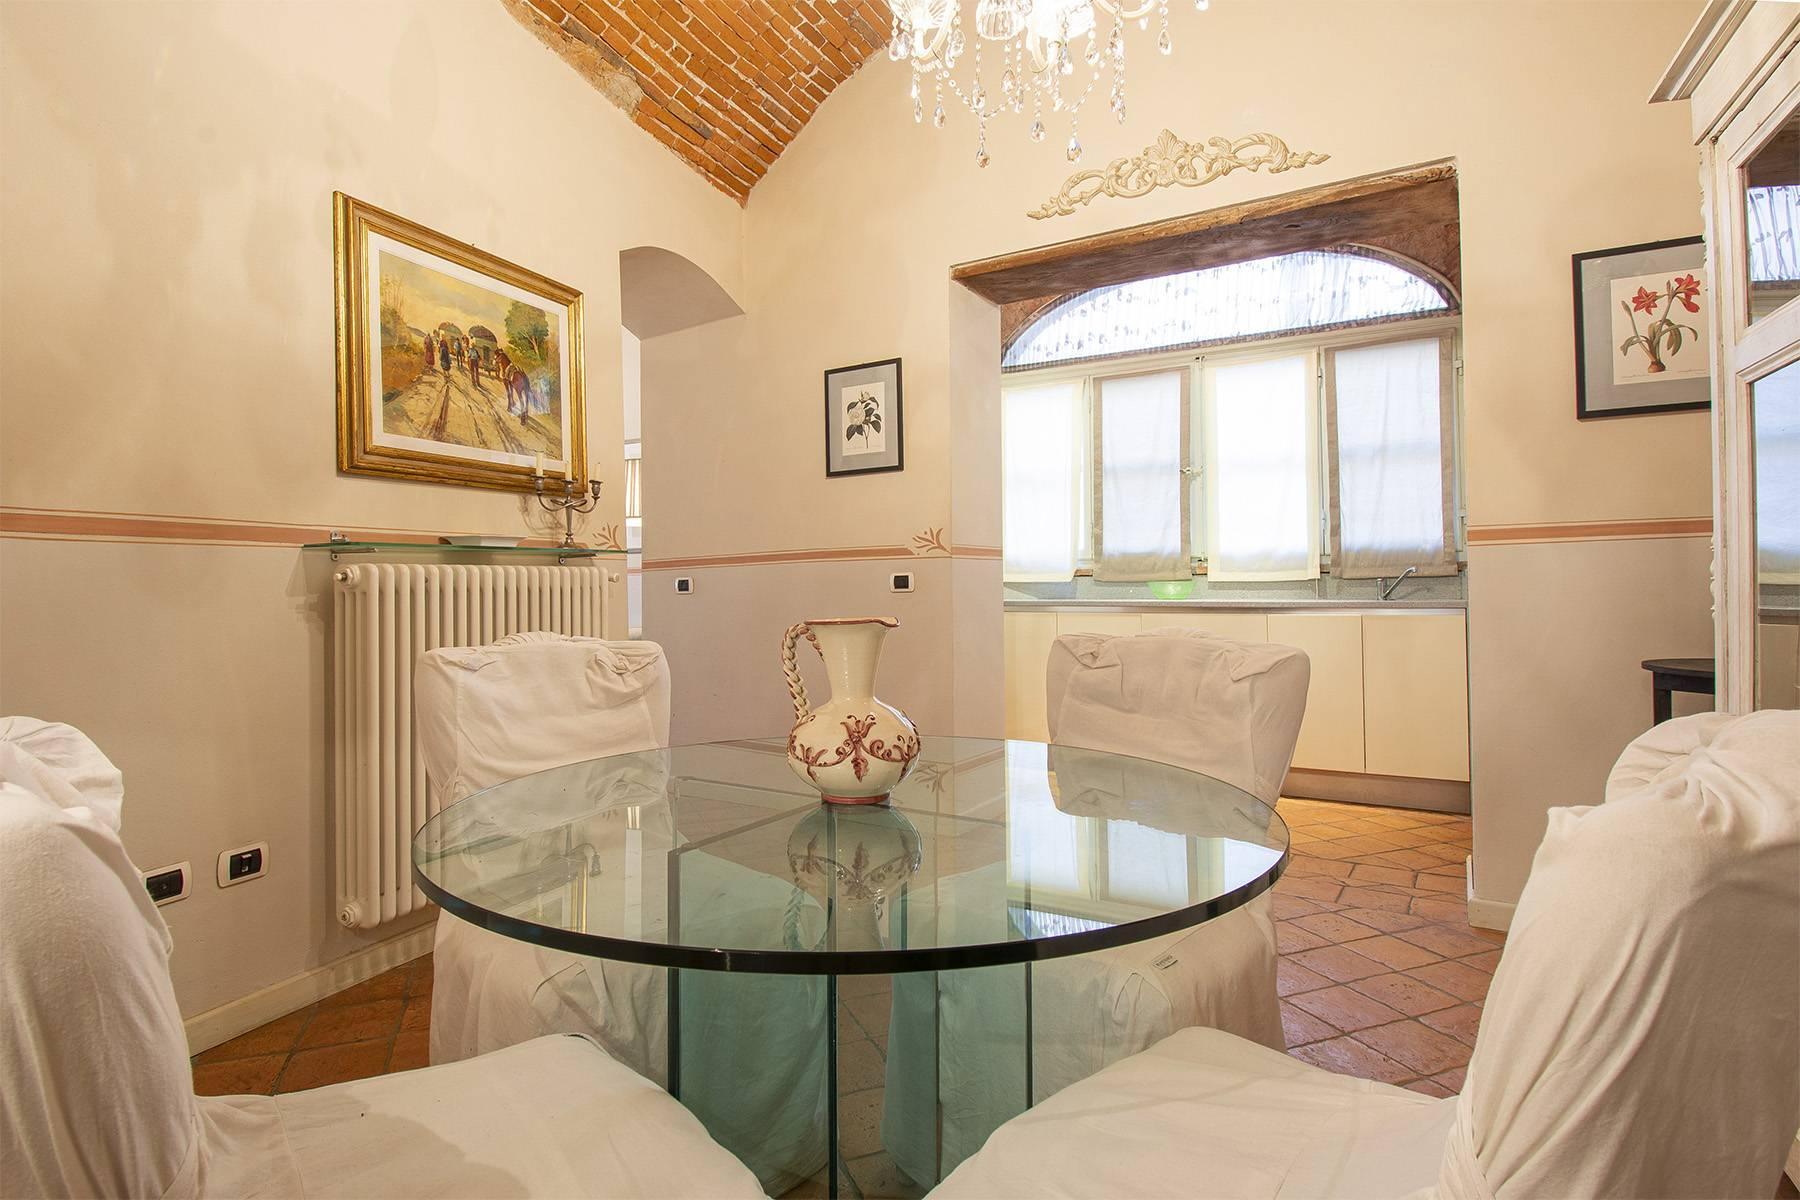 Appartamento in Vendita a Lucca: 5 locali, 77 mq - Foto 5